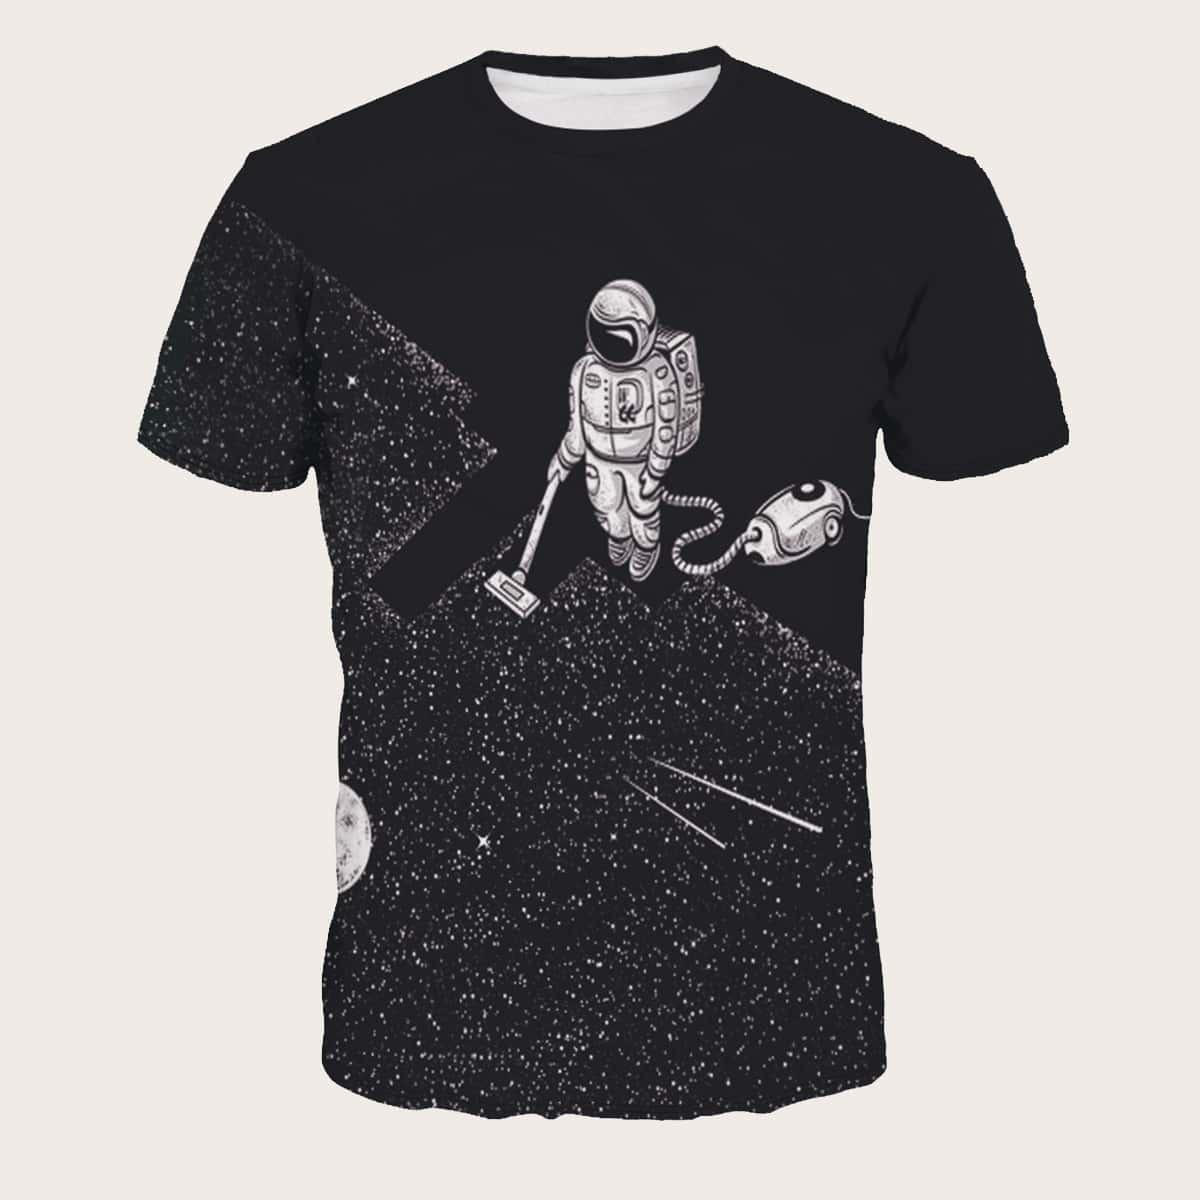 Mannen T-shirt met Abstrace Astronauten Print